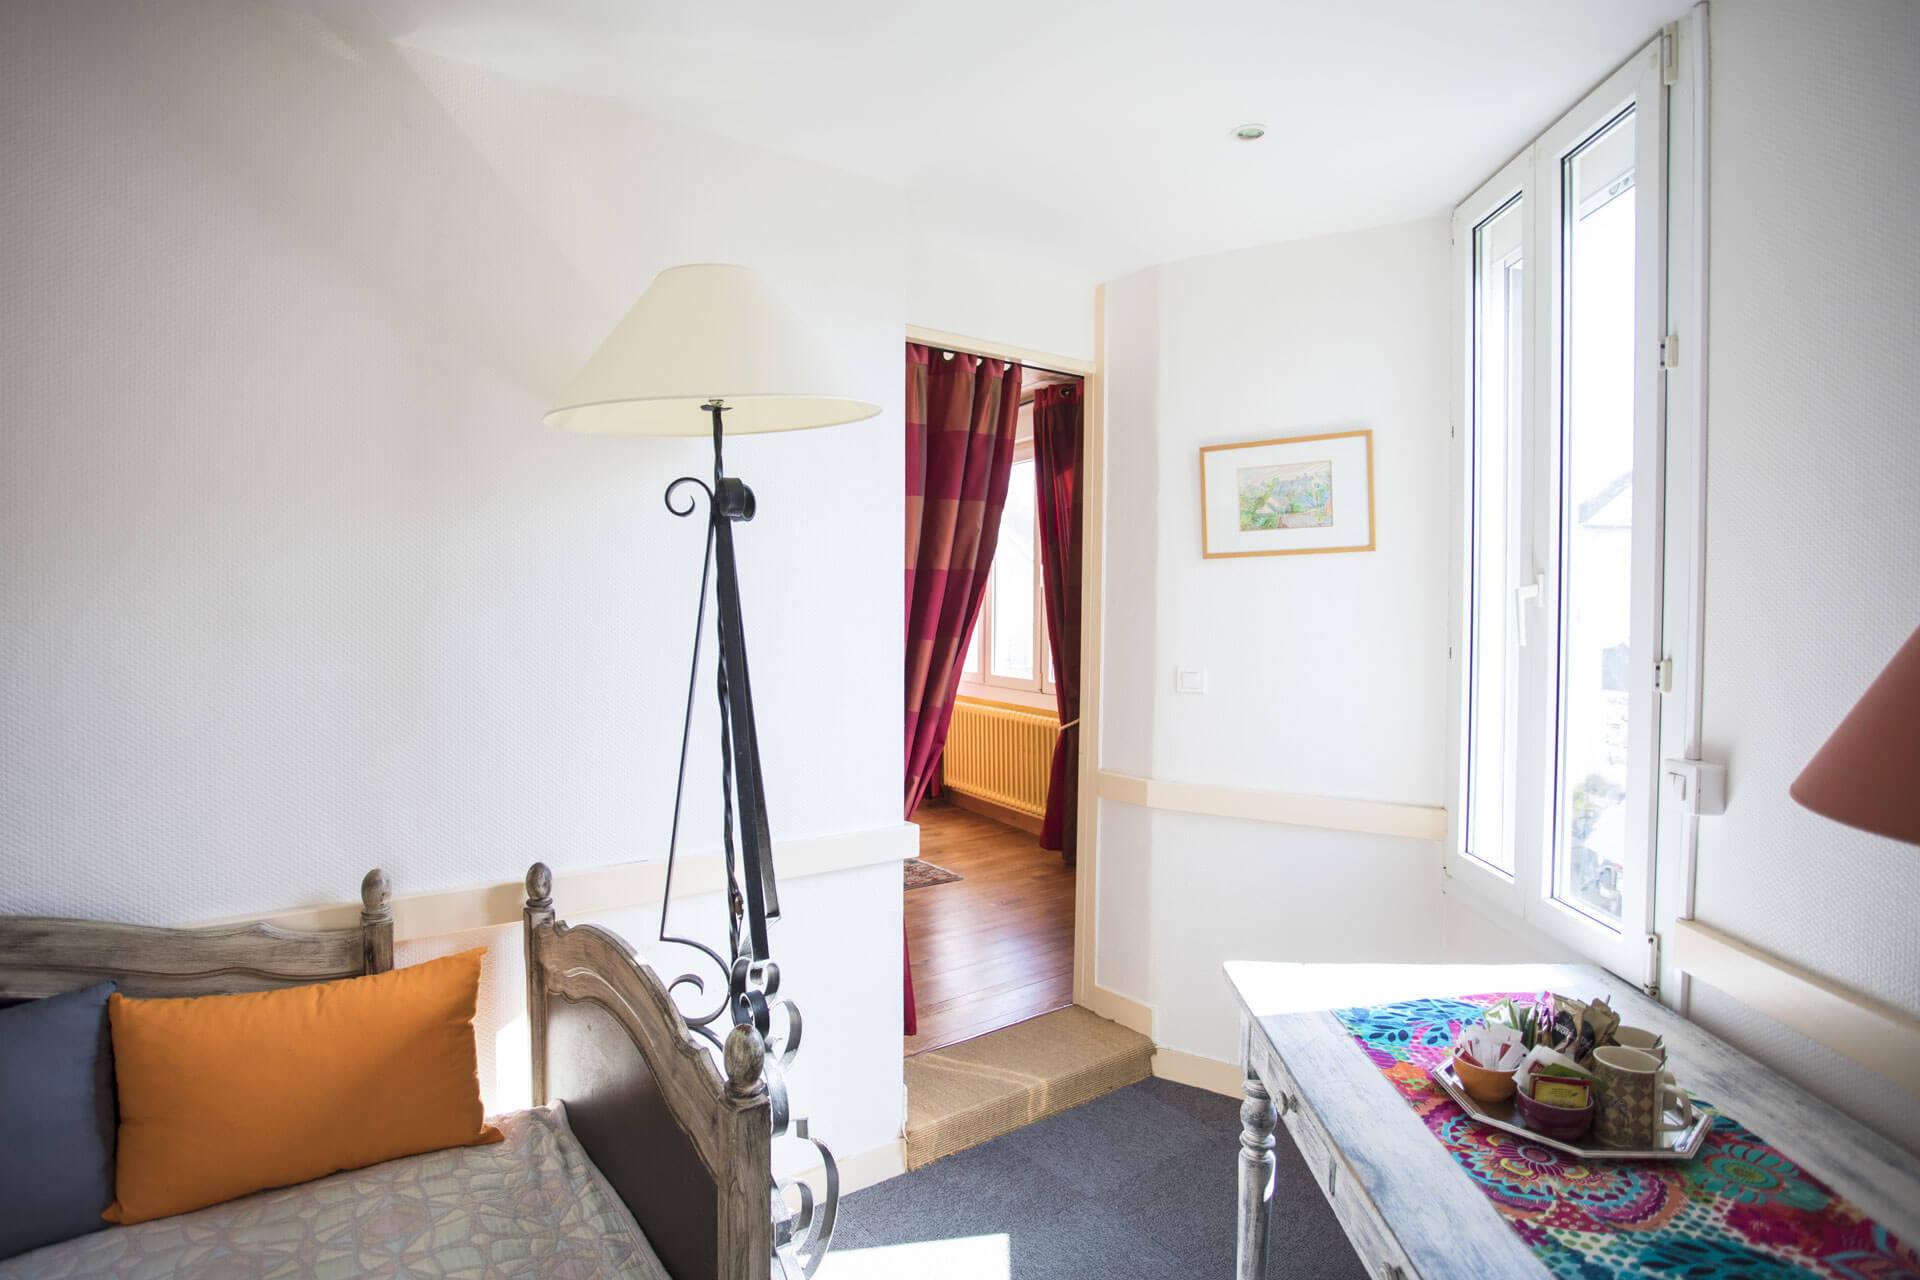 chambre d'hôtel confortable avec terrasse privée ile aux moines